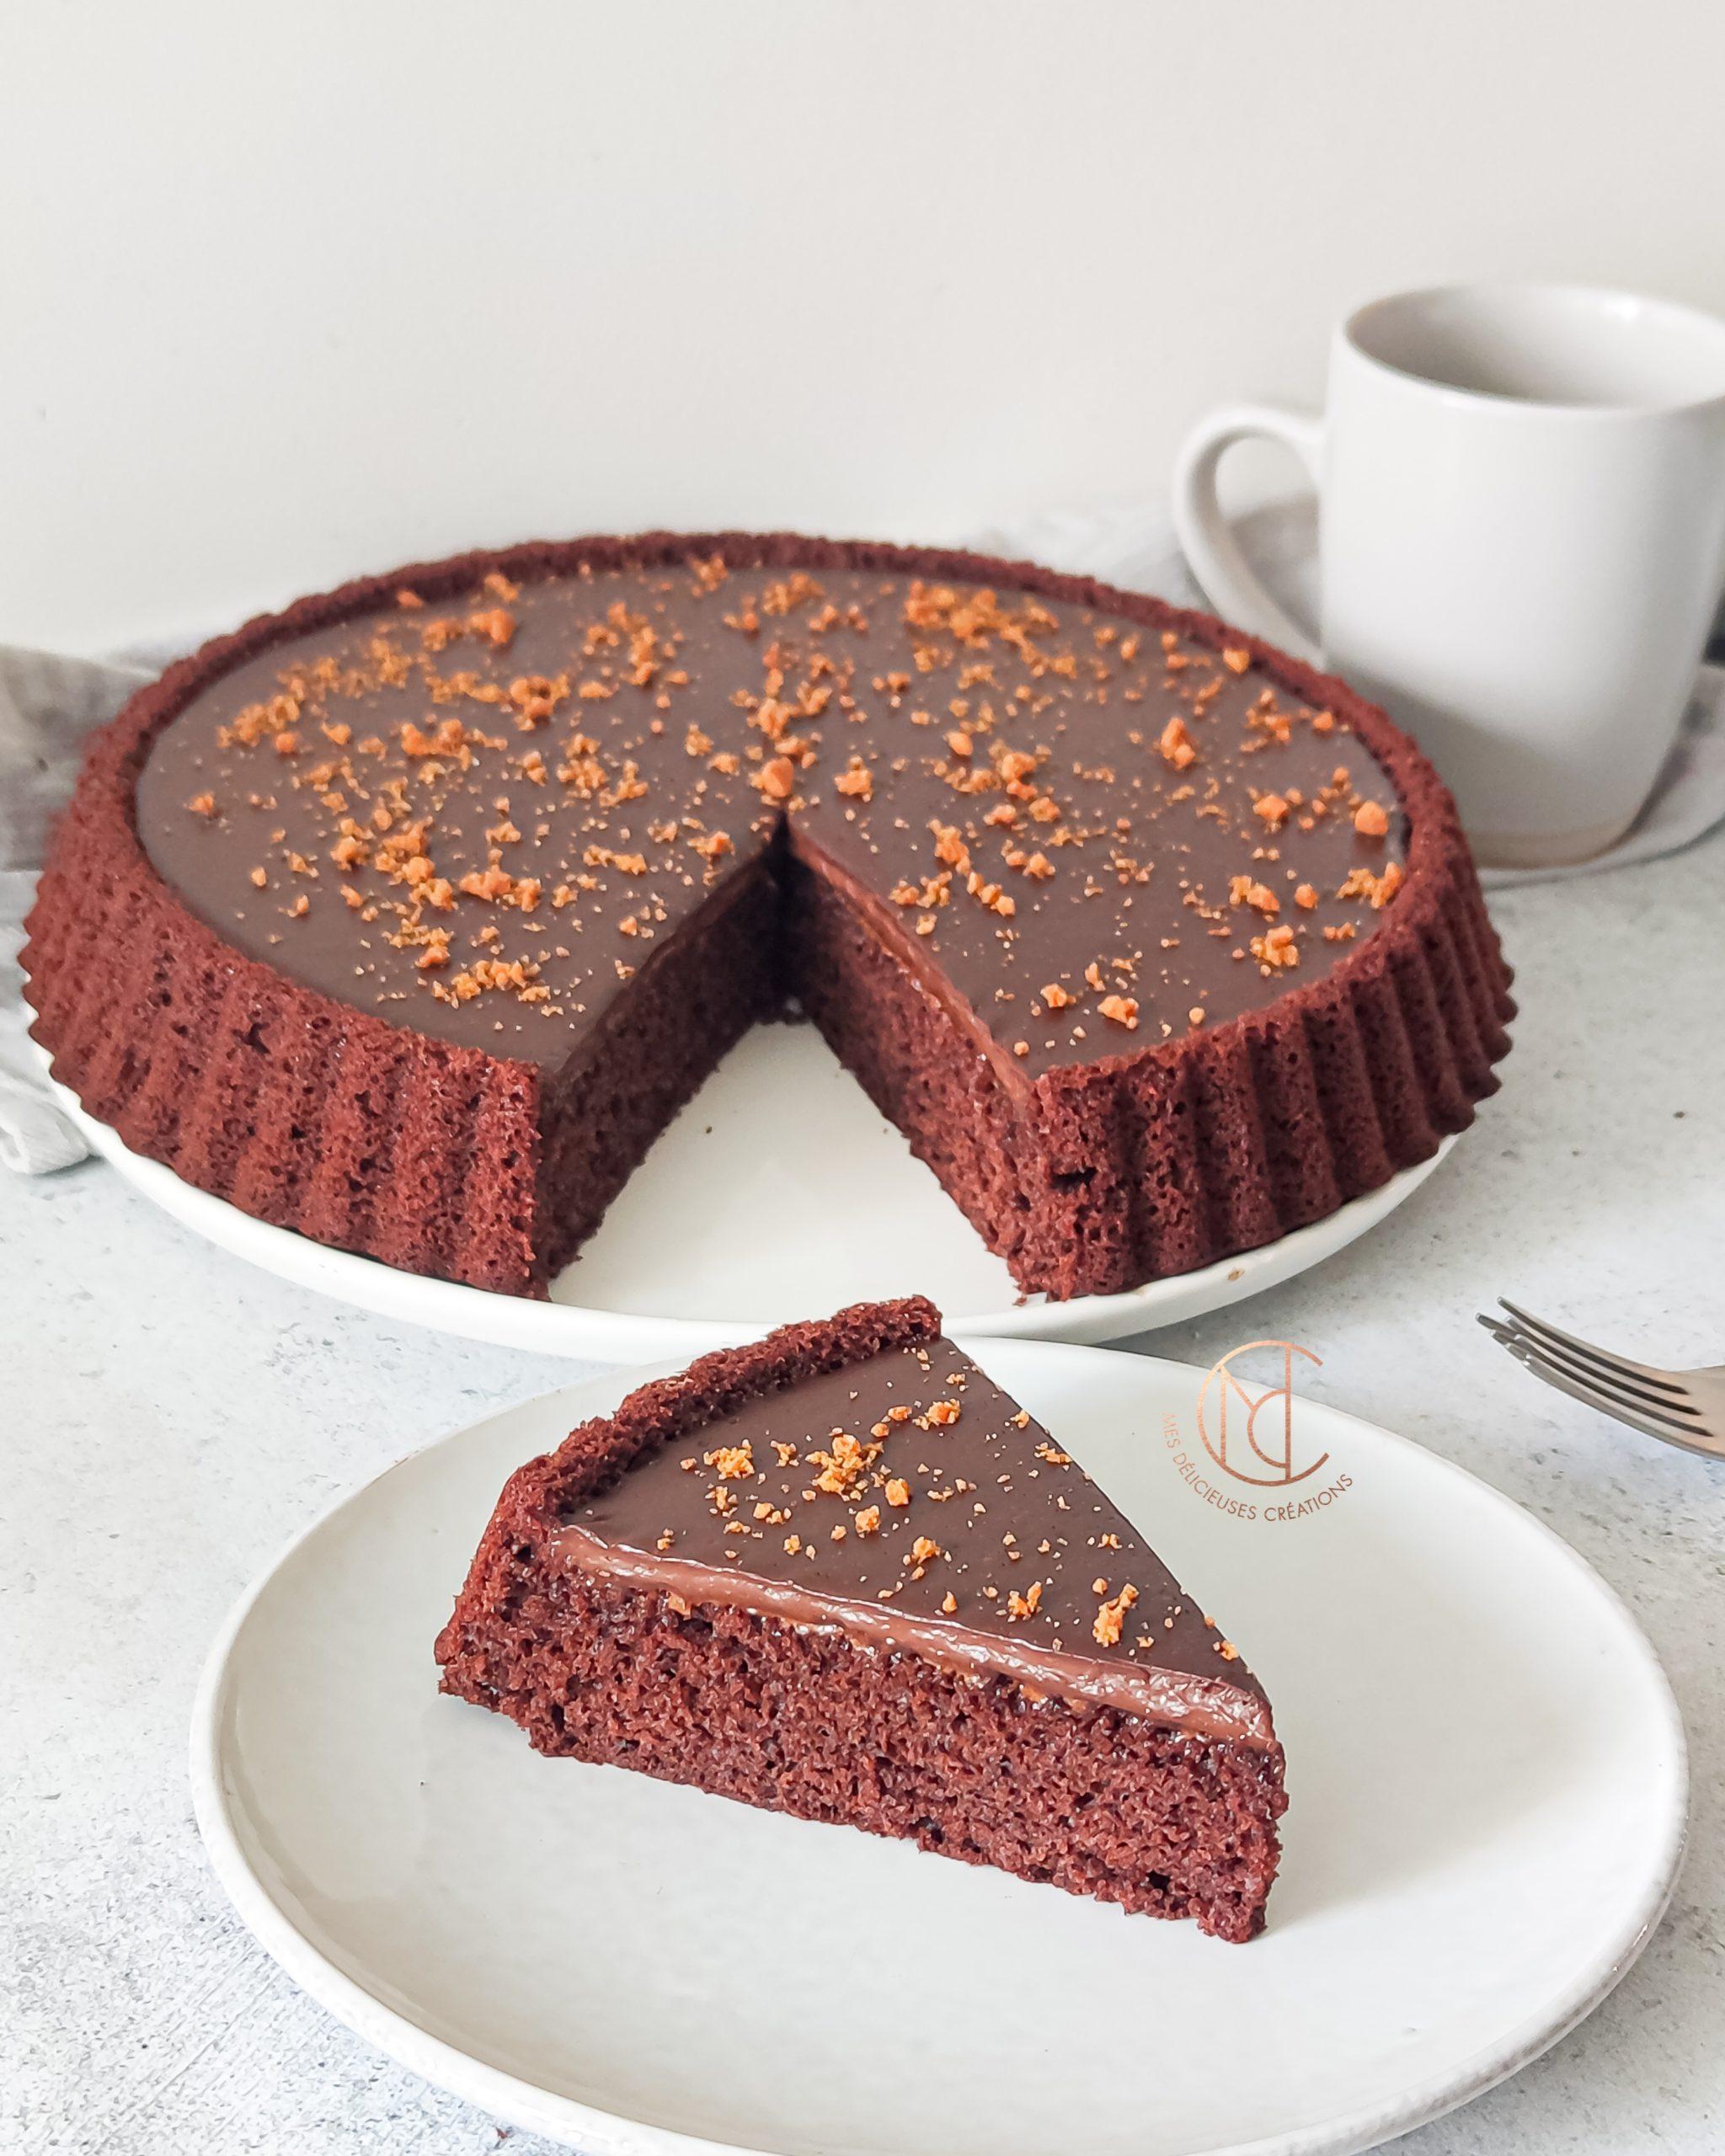 moelleux-chocolat-creme-choco-praline